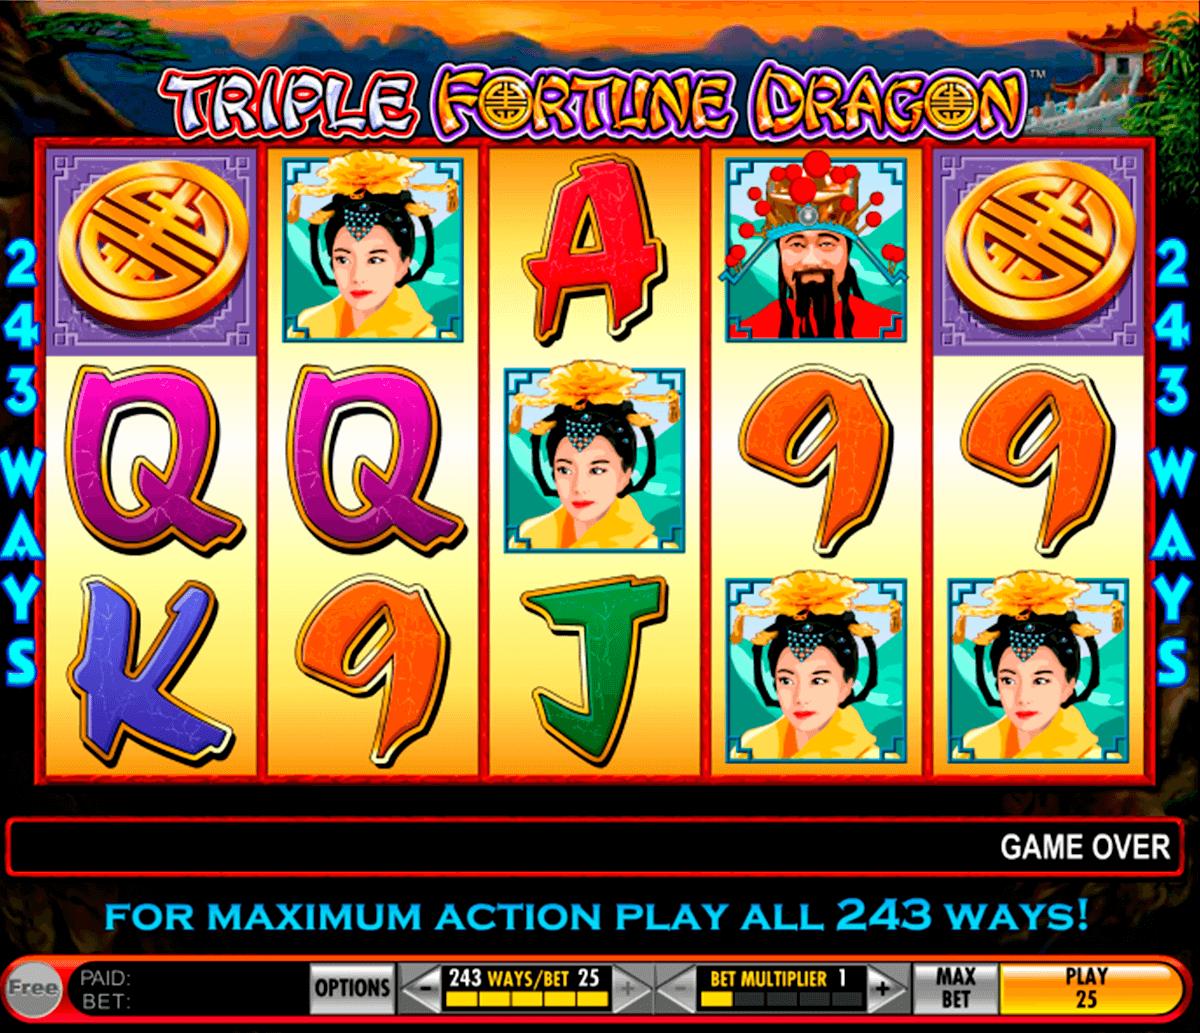 Jugar casino en linea juegue con € 100 gratis 73164